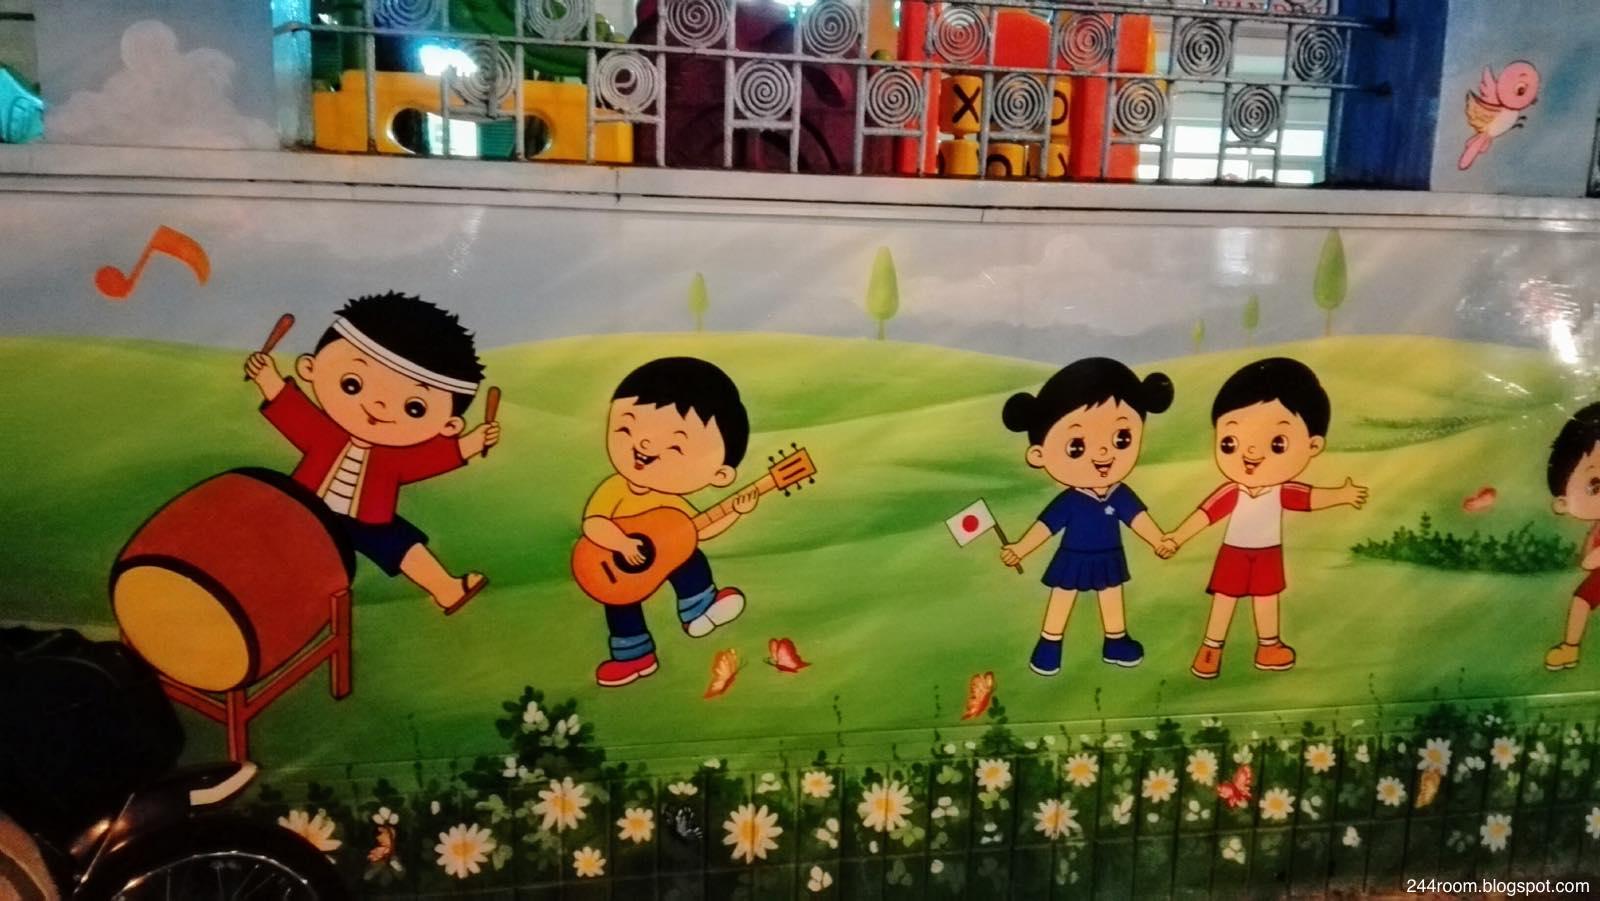 ハノイの日本風壁画 Hanoi-mural-painting